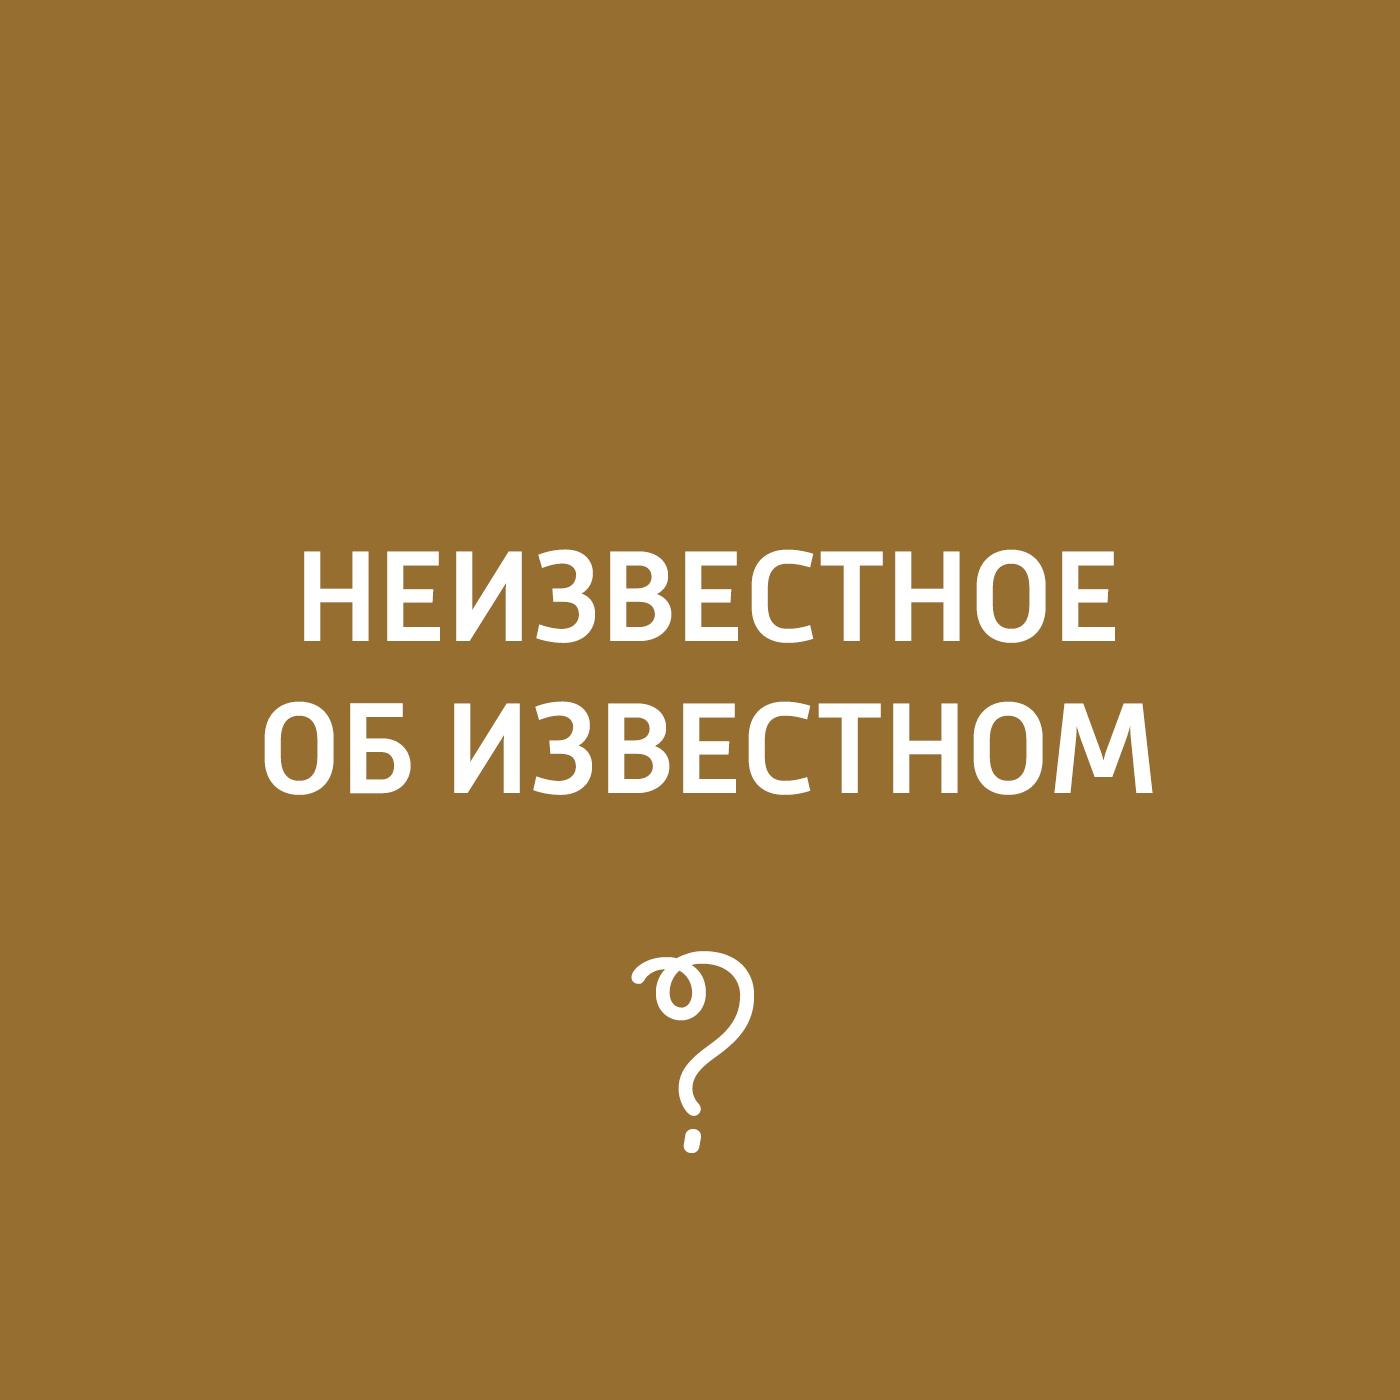 Творческий коллектив программы «Пора домой» Вирджиния Вулф александр дивочкин неизвестное об известном